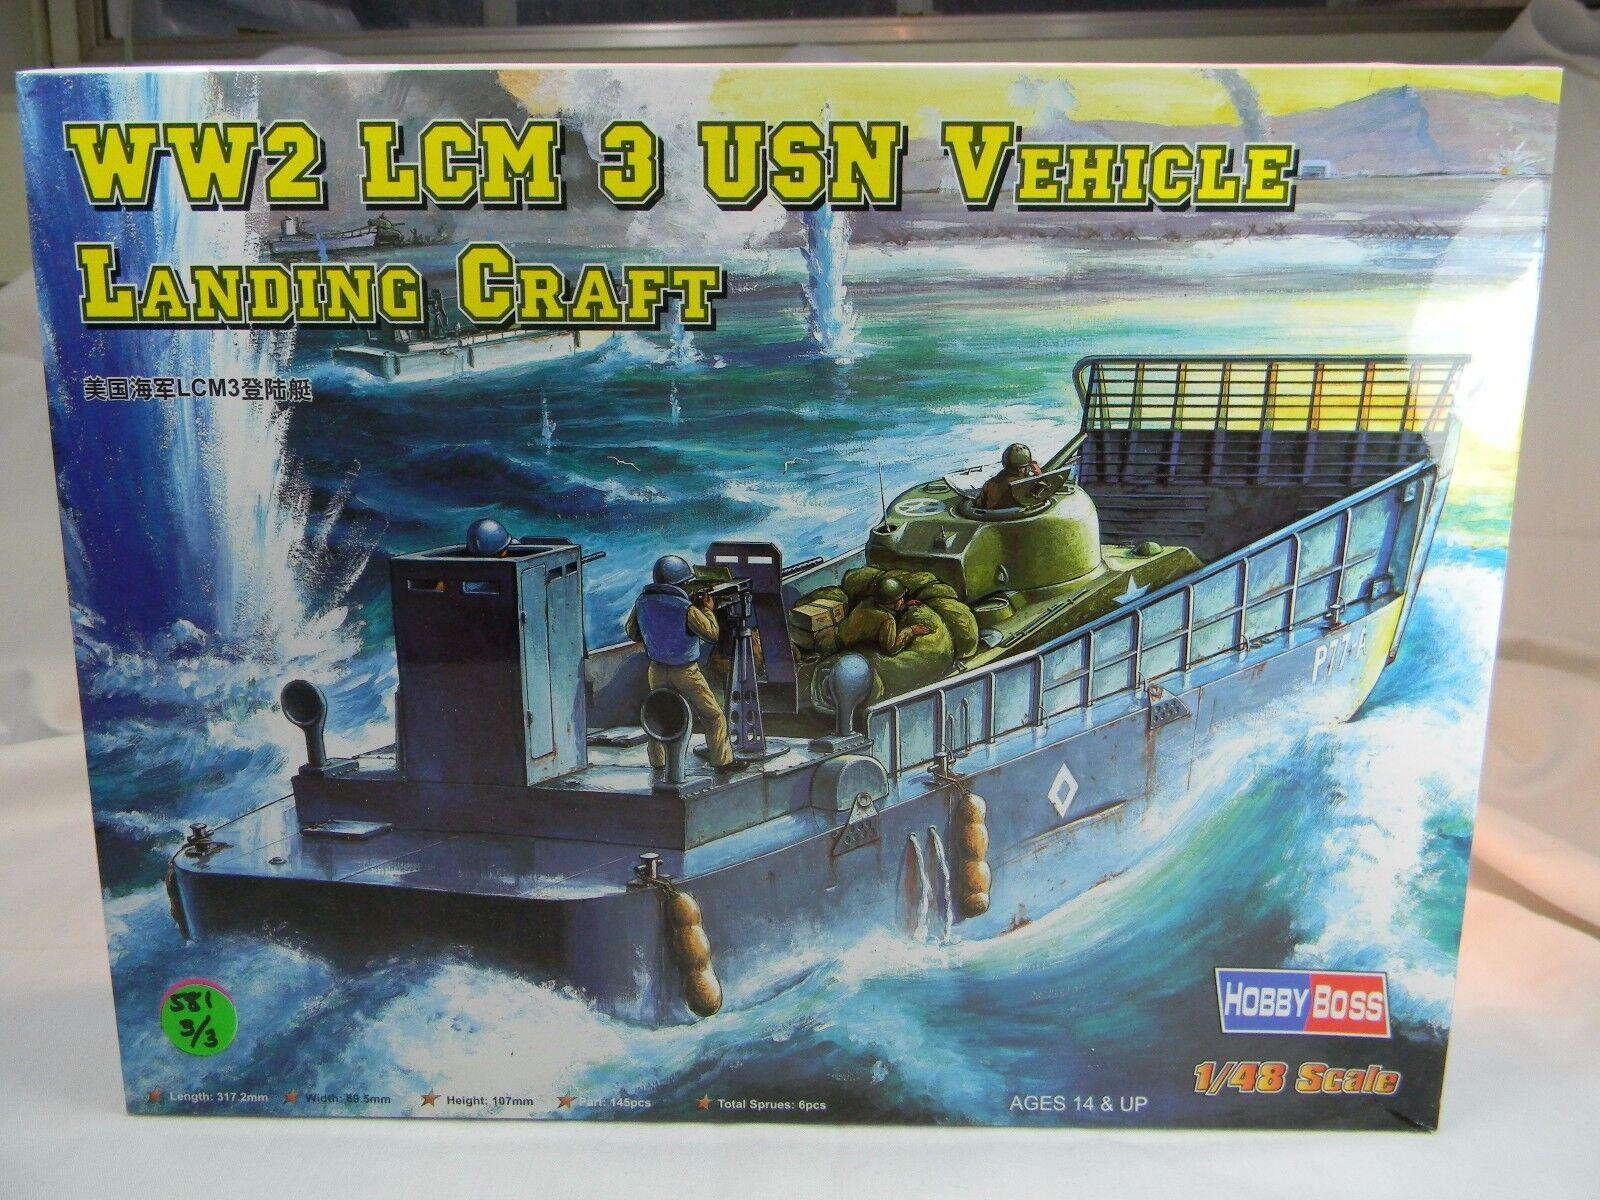 88817 trumpetare USN LCM -3 Fordonsfkonstyg Landing Plastic Statisc 1  48 modelllllerlerl Kit